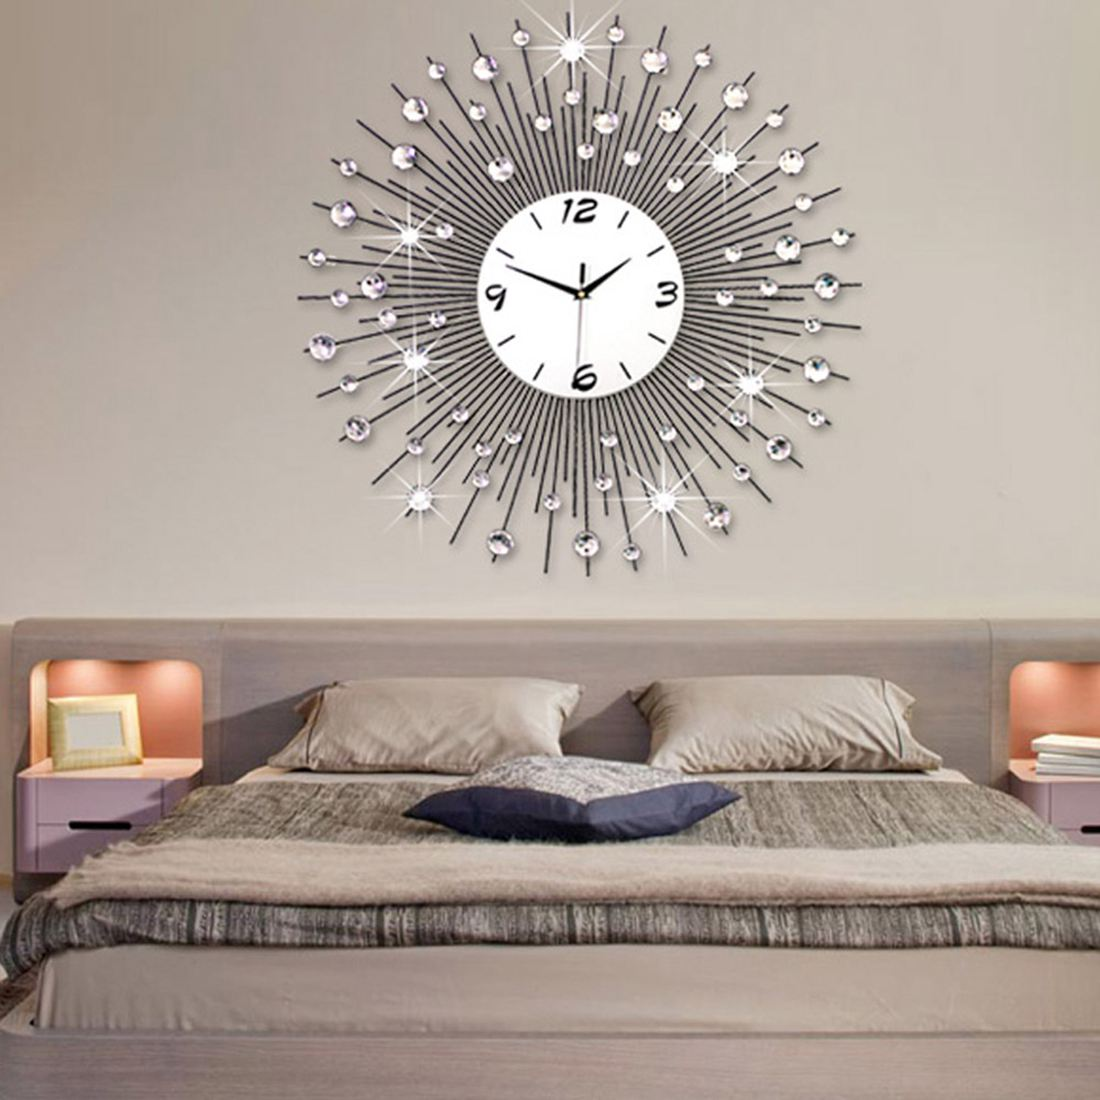 Szs 뜨거운 현대 스타일 60 cm diy 대형 라운드 금속 벽시계 홈 오피스 장식 석영 이동 화이트-에서벽결이 시계부터 홈 & 가든 의  그룹 1